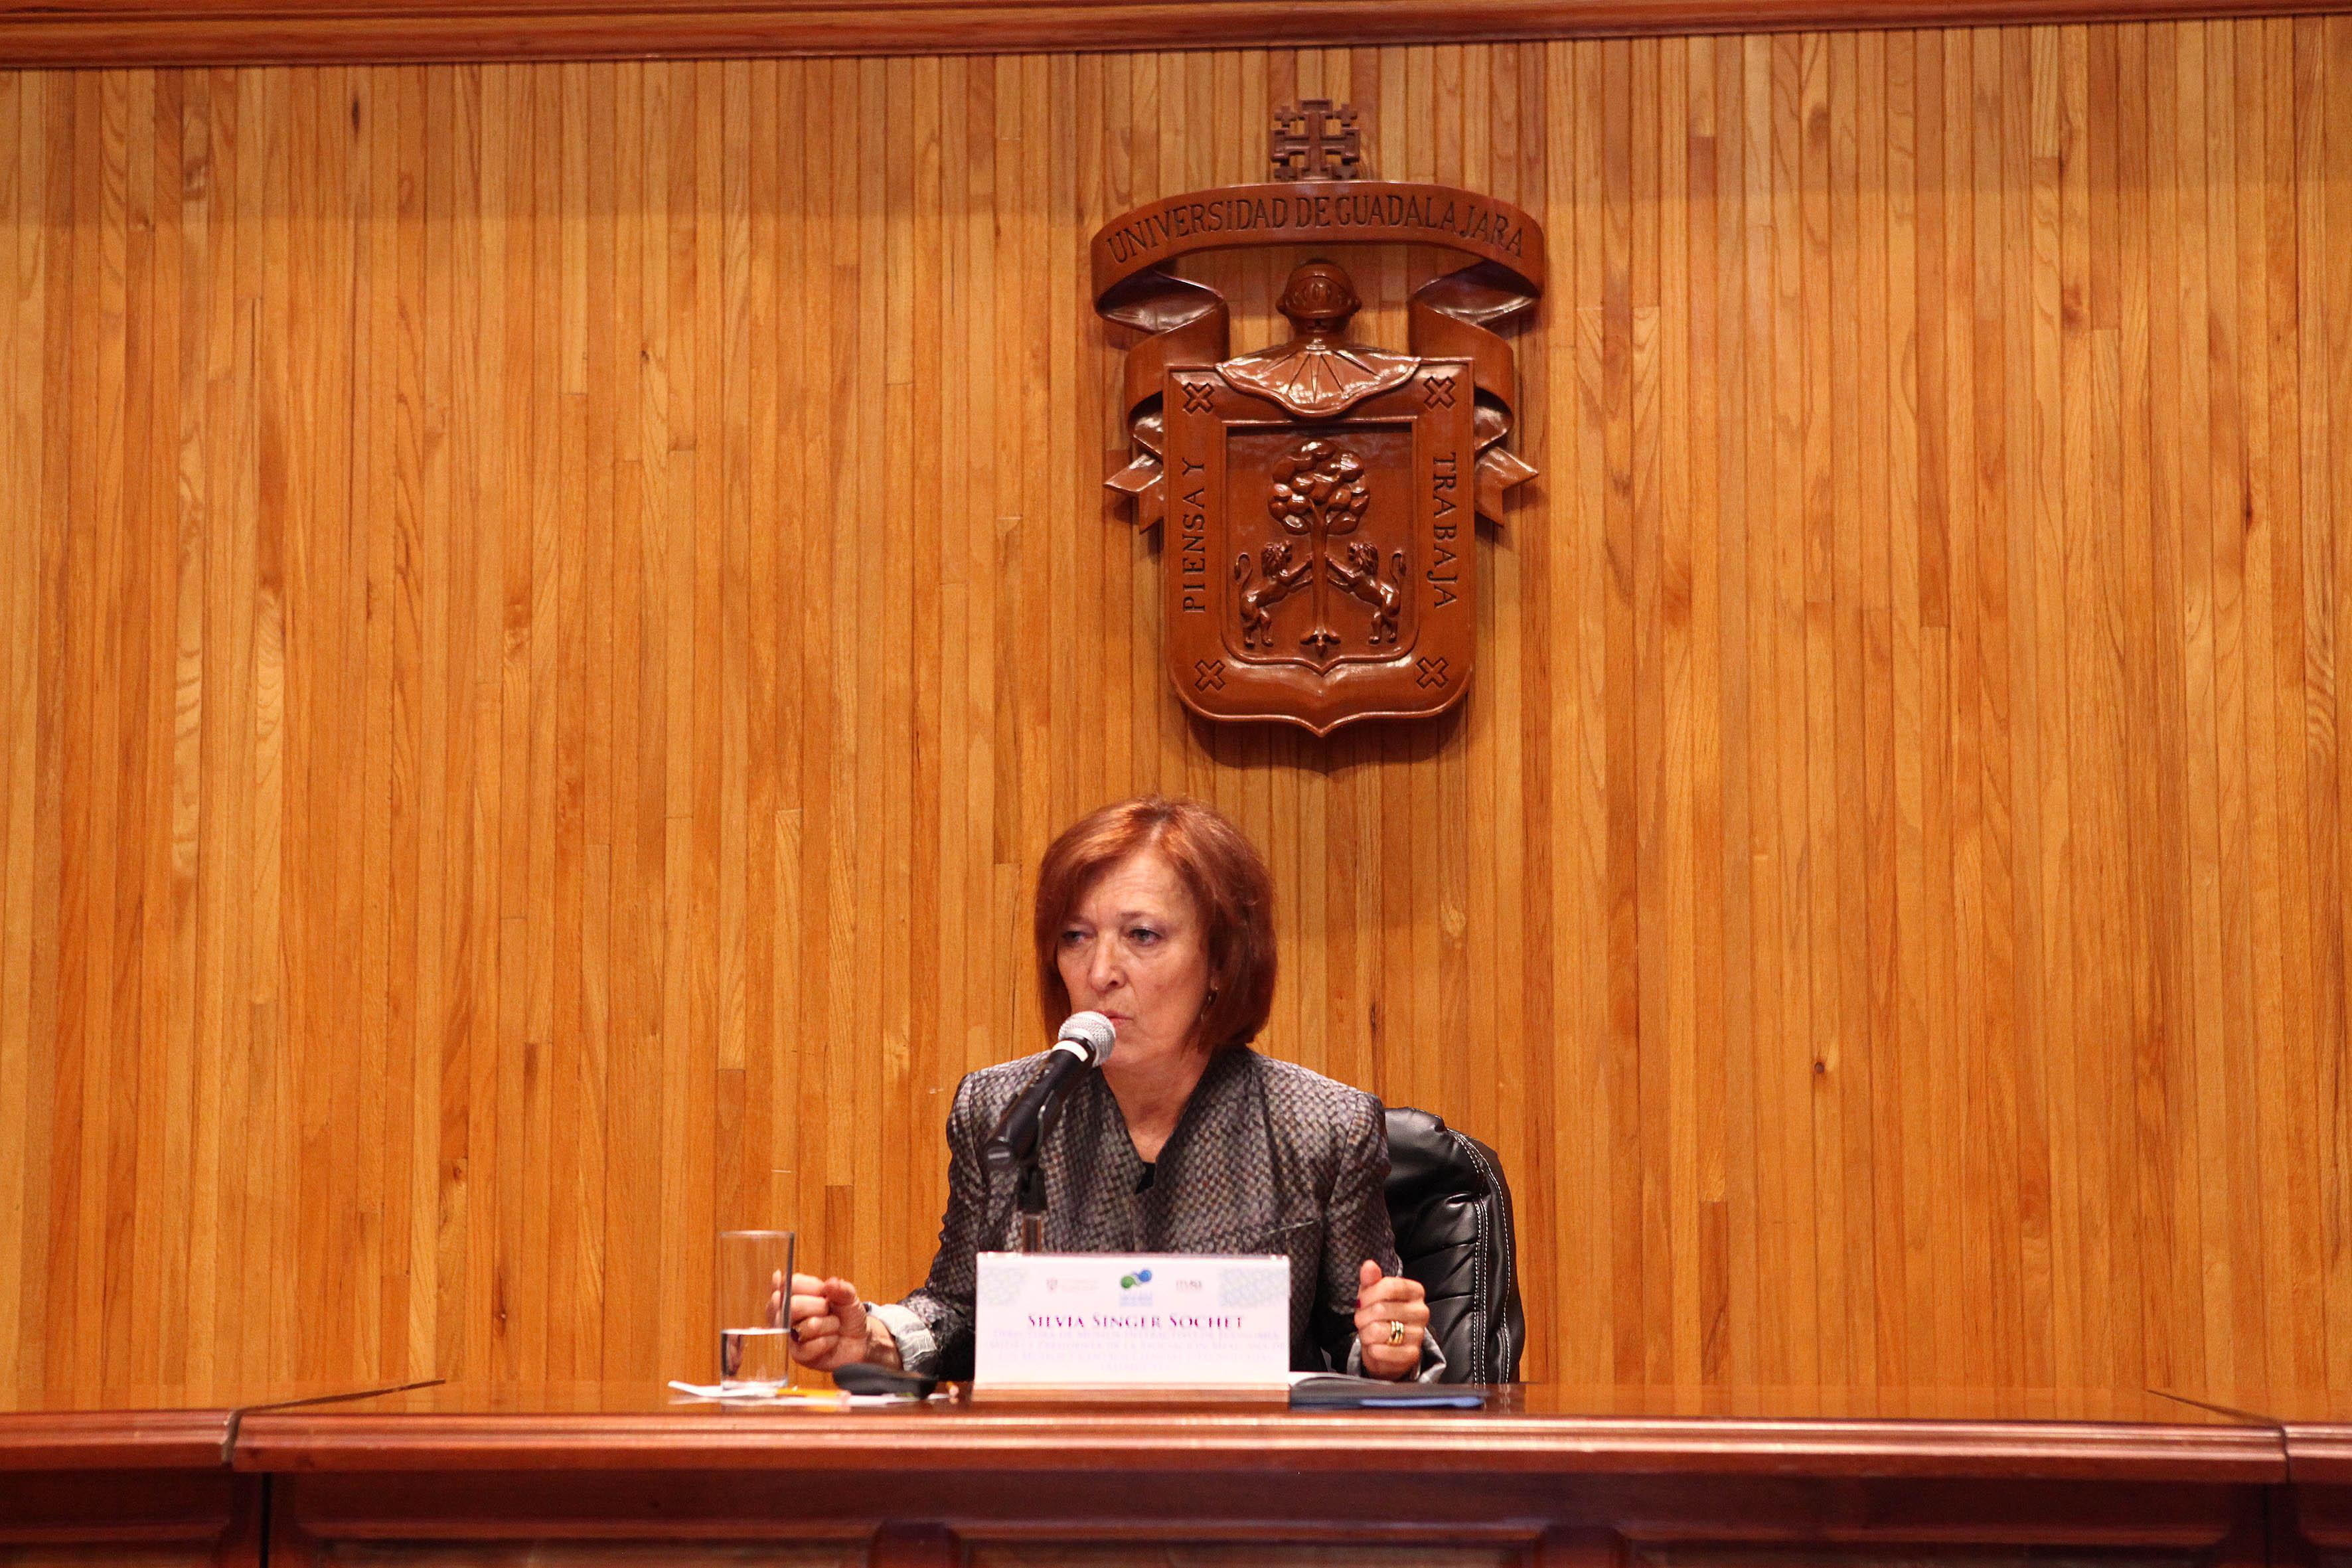 Silvia Singer Sochet, directora y fundadora del Museo Interactivo de Economía, durante la conferencia magistral